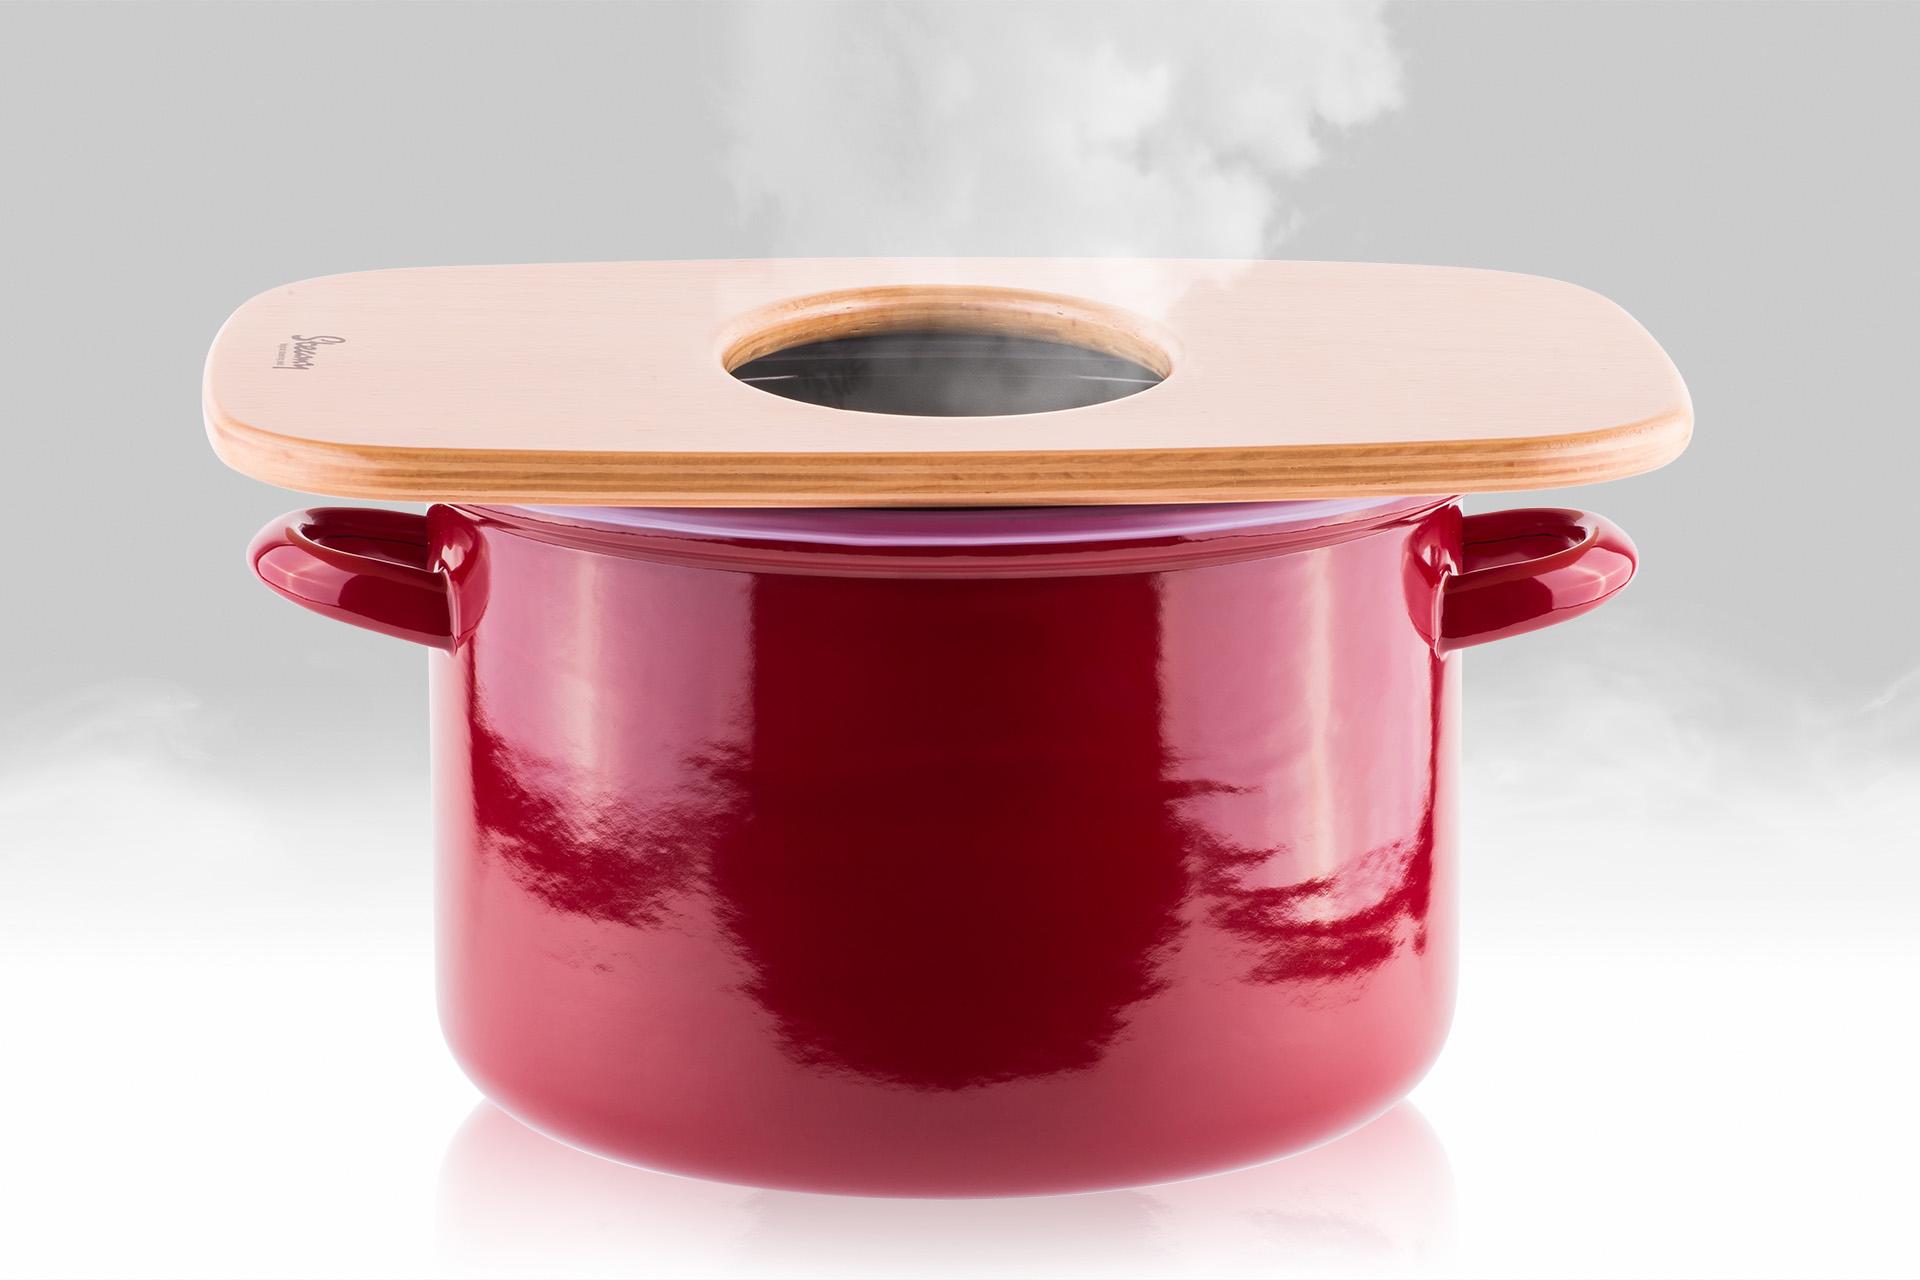 Sedátko Steamy pro ženskou bylinnou vaginální napářku na hrnci